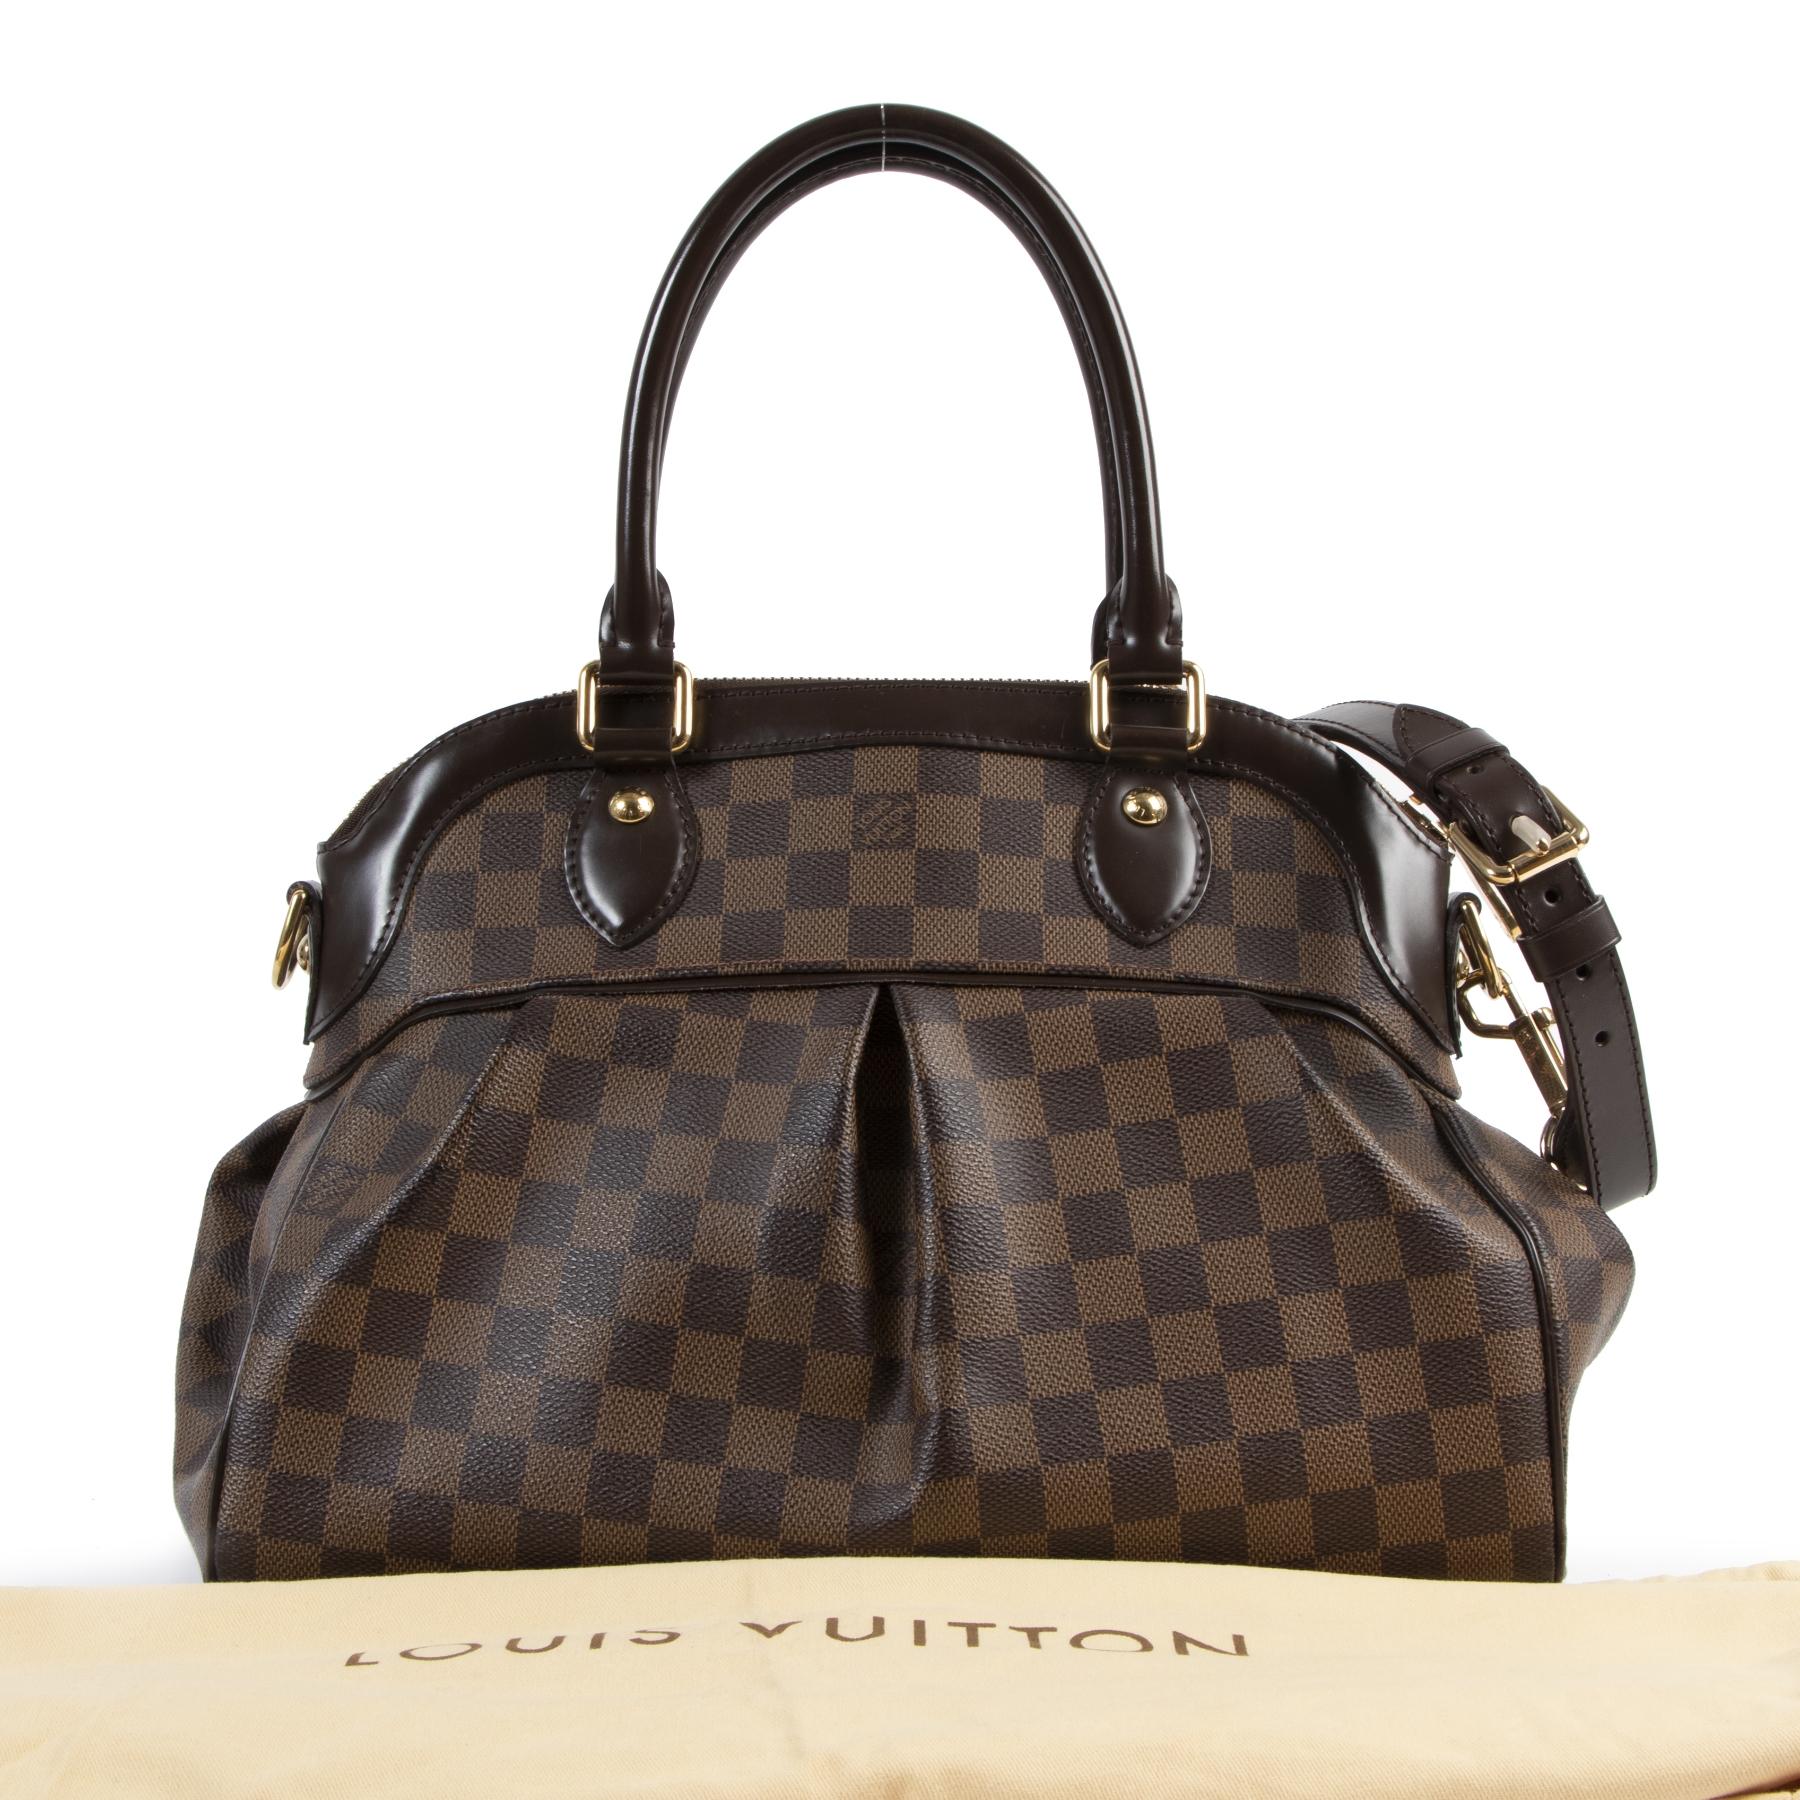 Authentic secondhand Louis Vuitton Damier Trevi Top Handle Bag designer bags fashion luxury vintage webshop safe secure online shopping